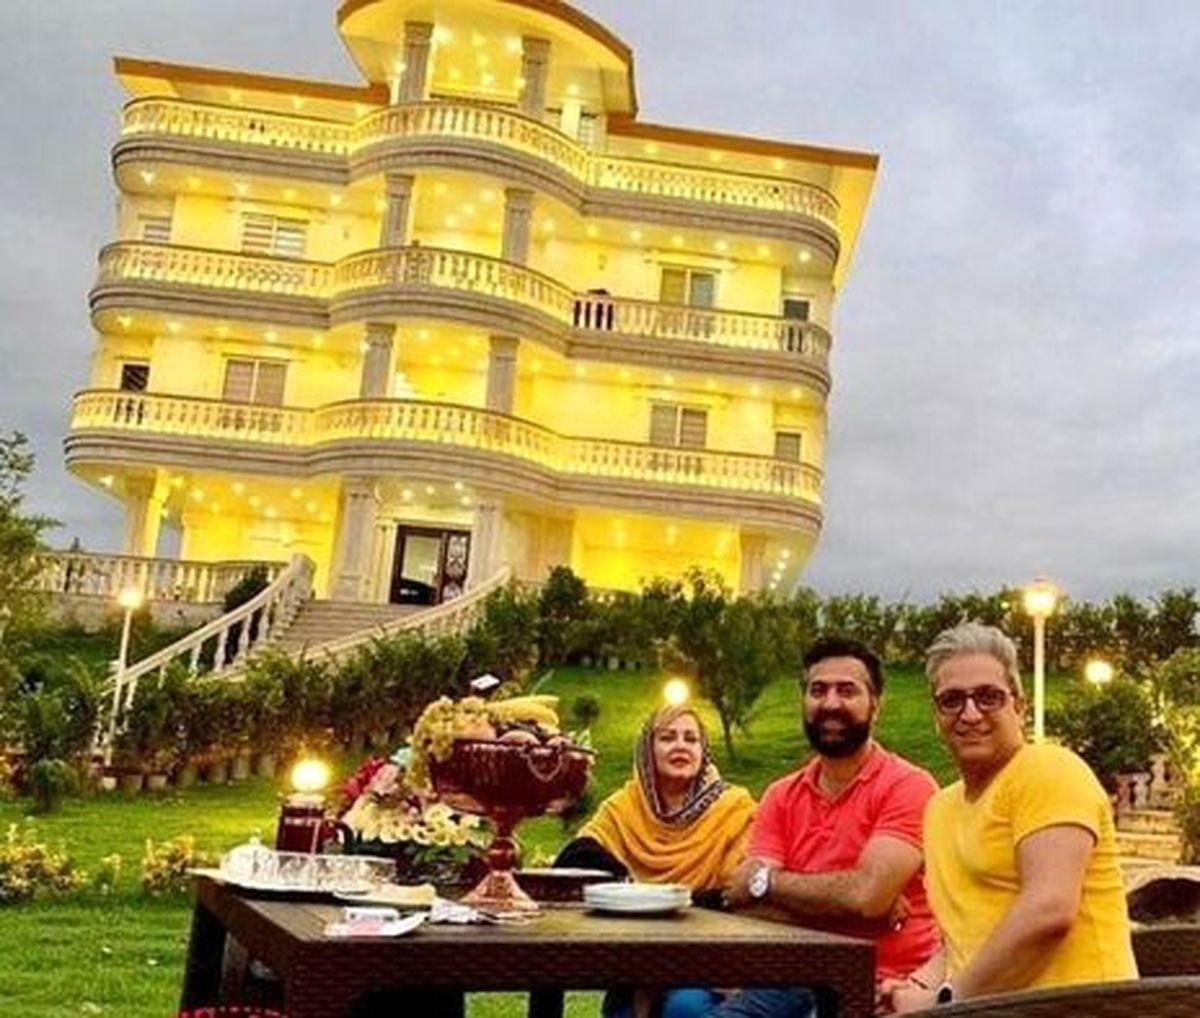 بهاره رهنما: در زعفرانیه برج خریدم! +فیلم جنجالی